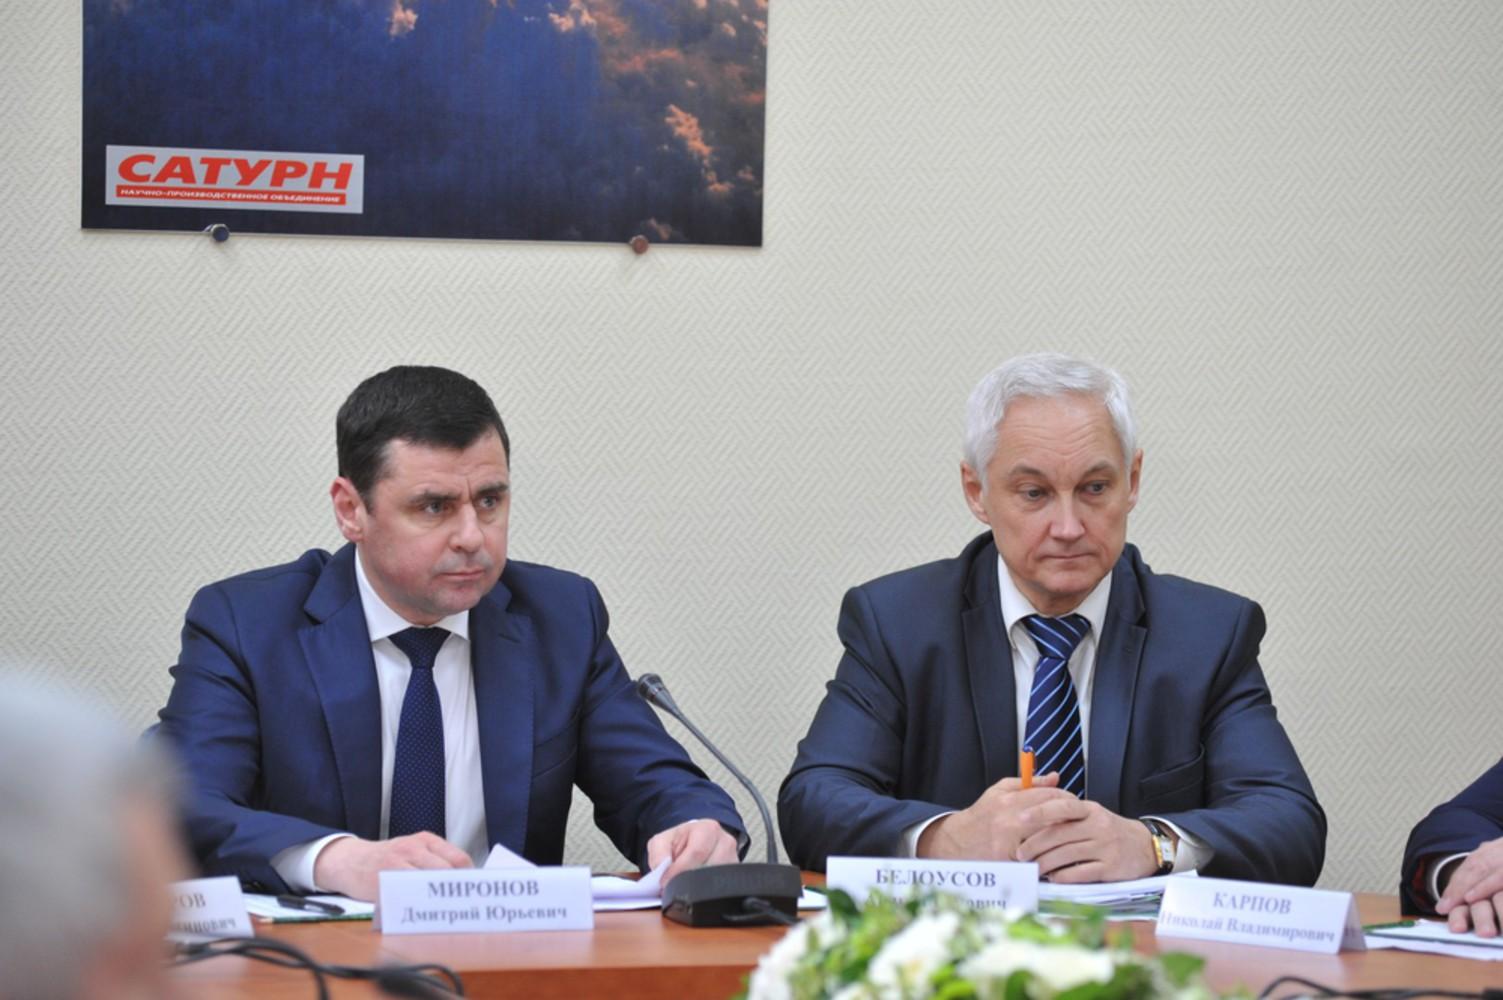 Путина попросили поддержать работу поразвитию высокотехнологичного экспорта